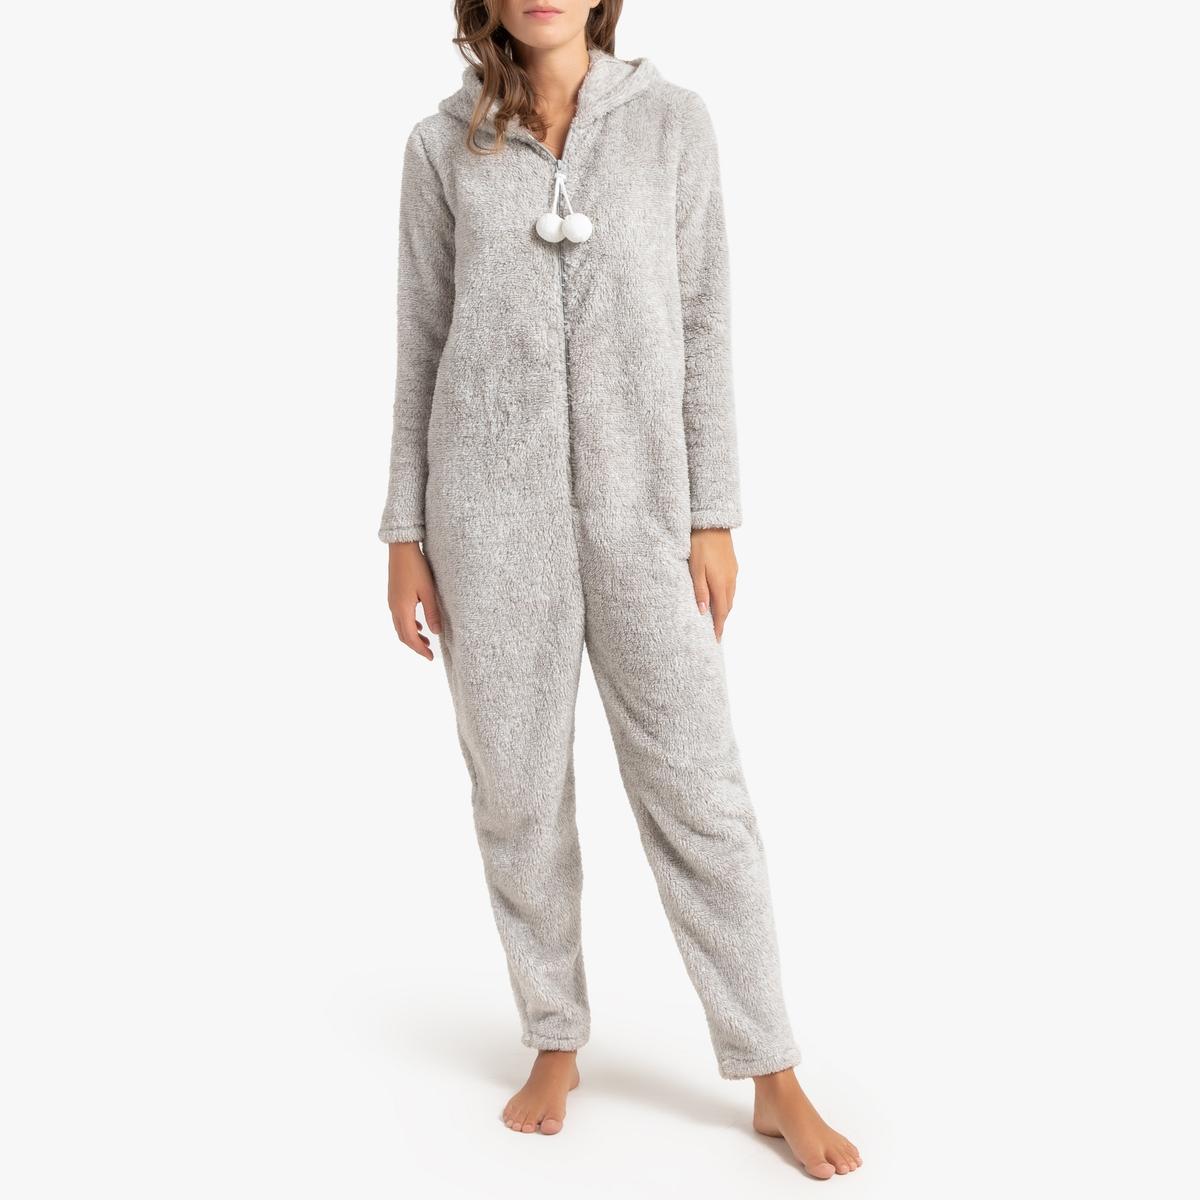 Mono pijama con capucha motivo conejito